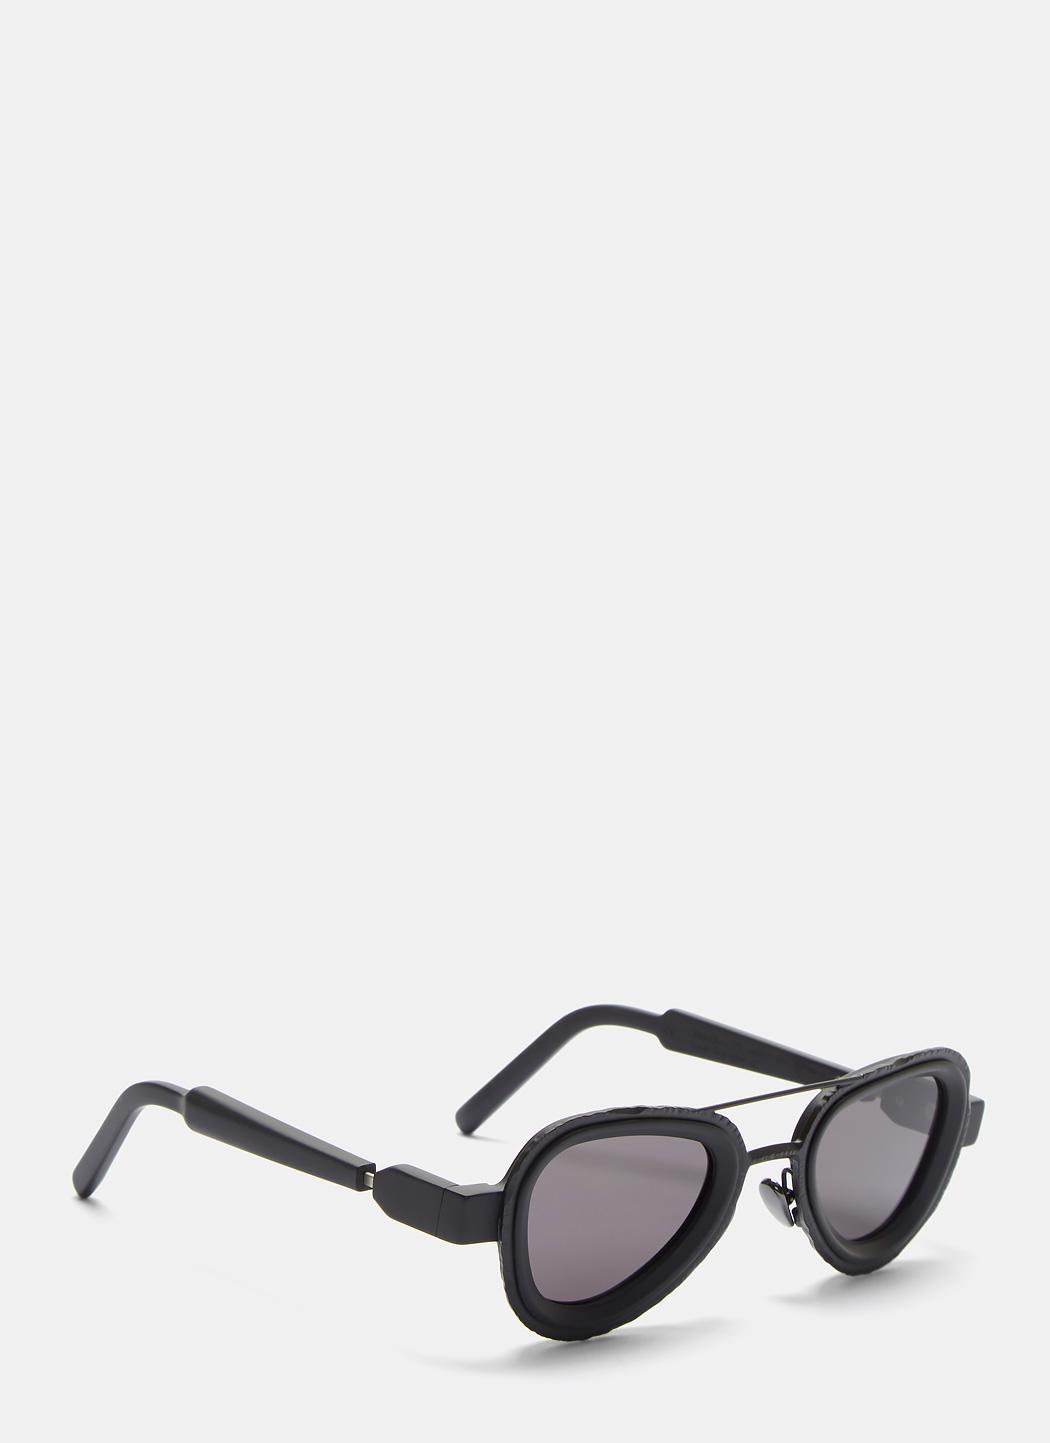 Mask Z5 Metal Sunglasses Kuboraum ELHBW19a4s